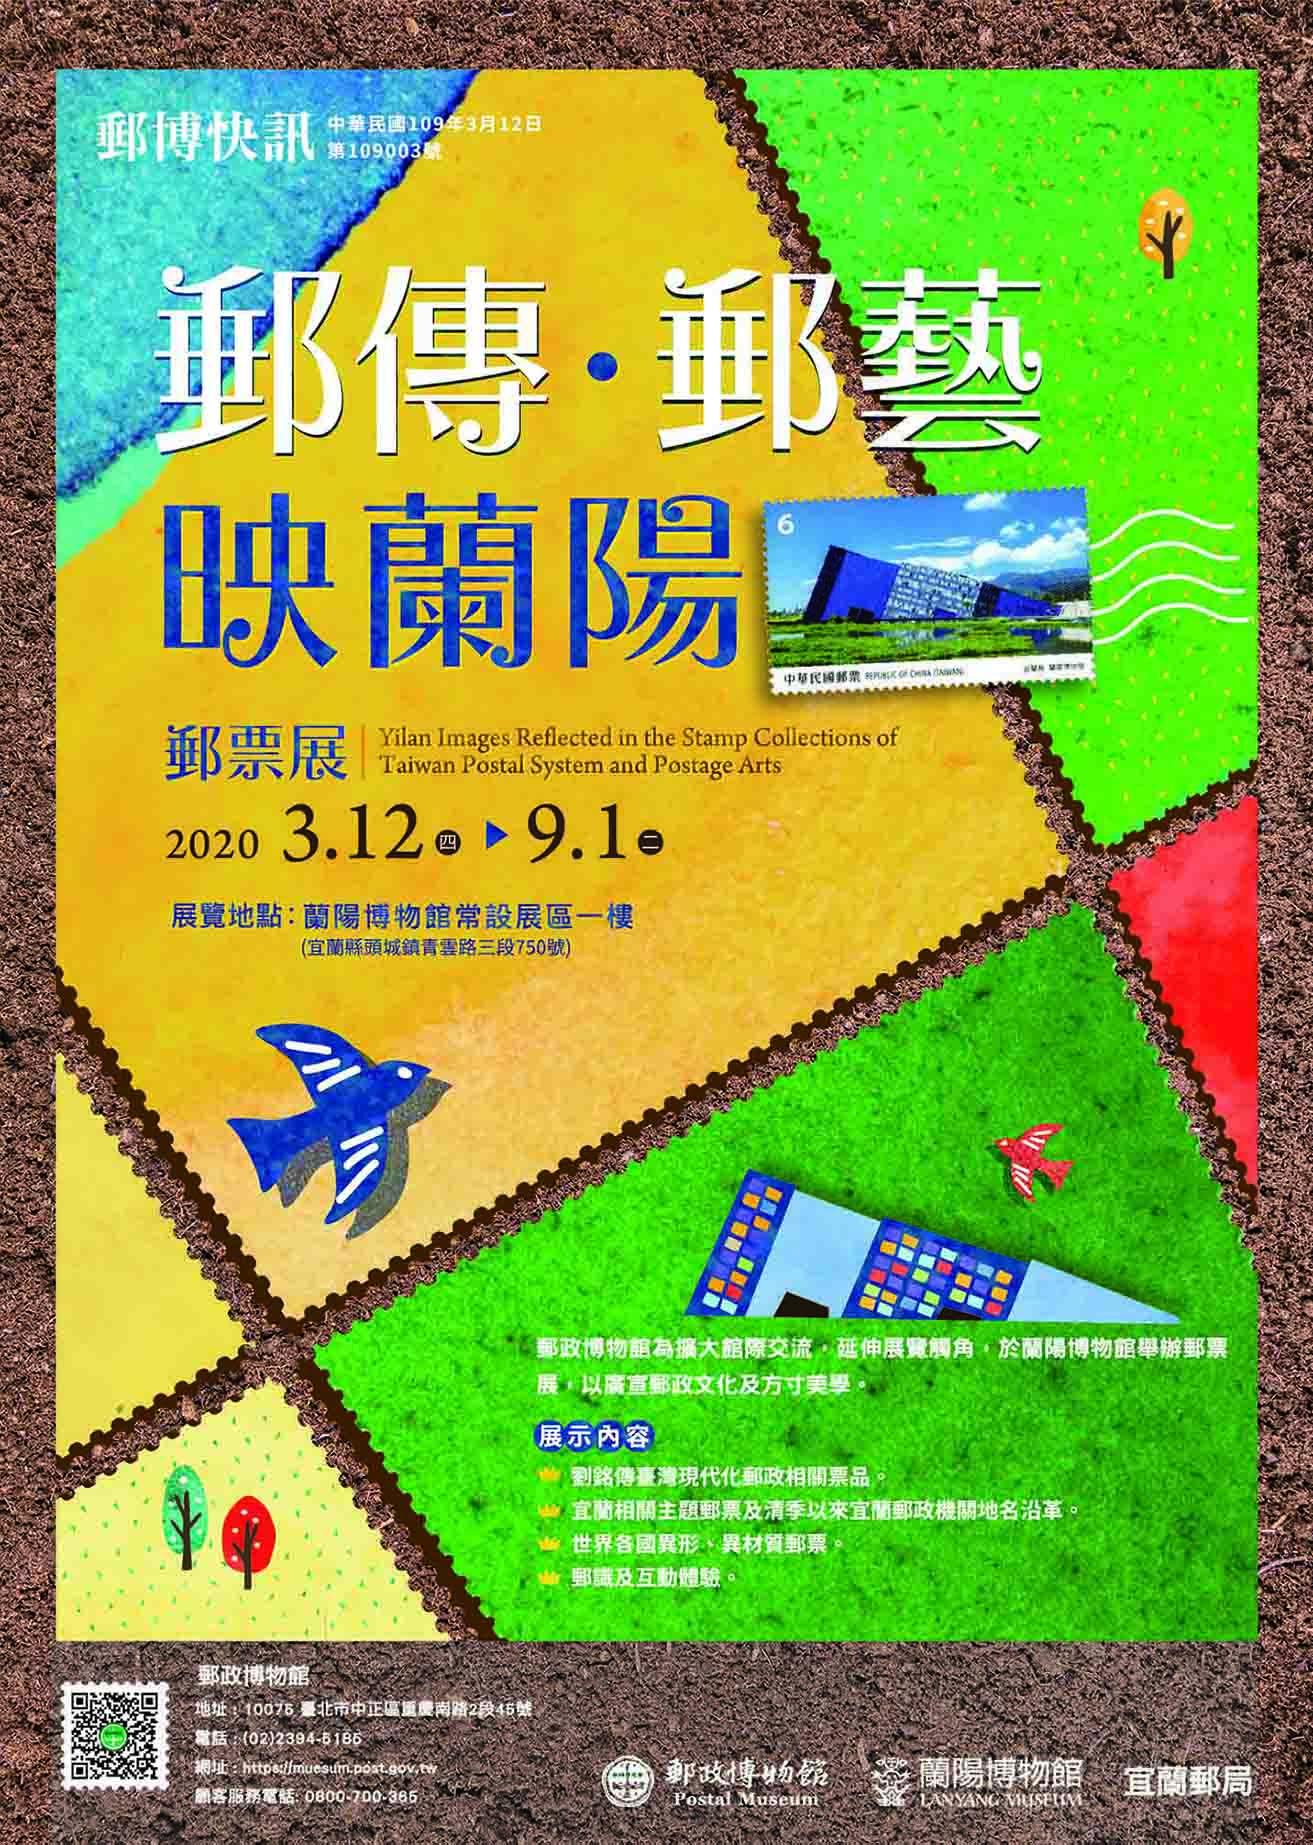 郵政博物館 X 蘭陽博物館:2020/3/12-2020/9/1【郵傳.郵藝映蘭陽郵票展】